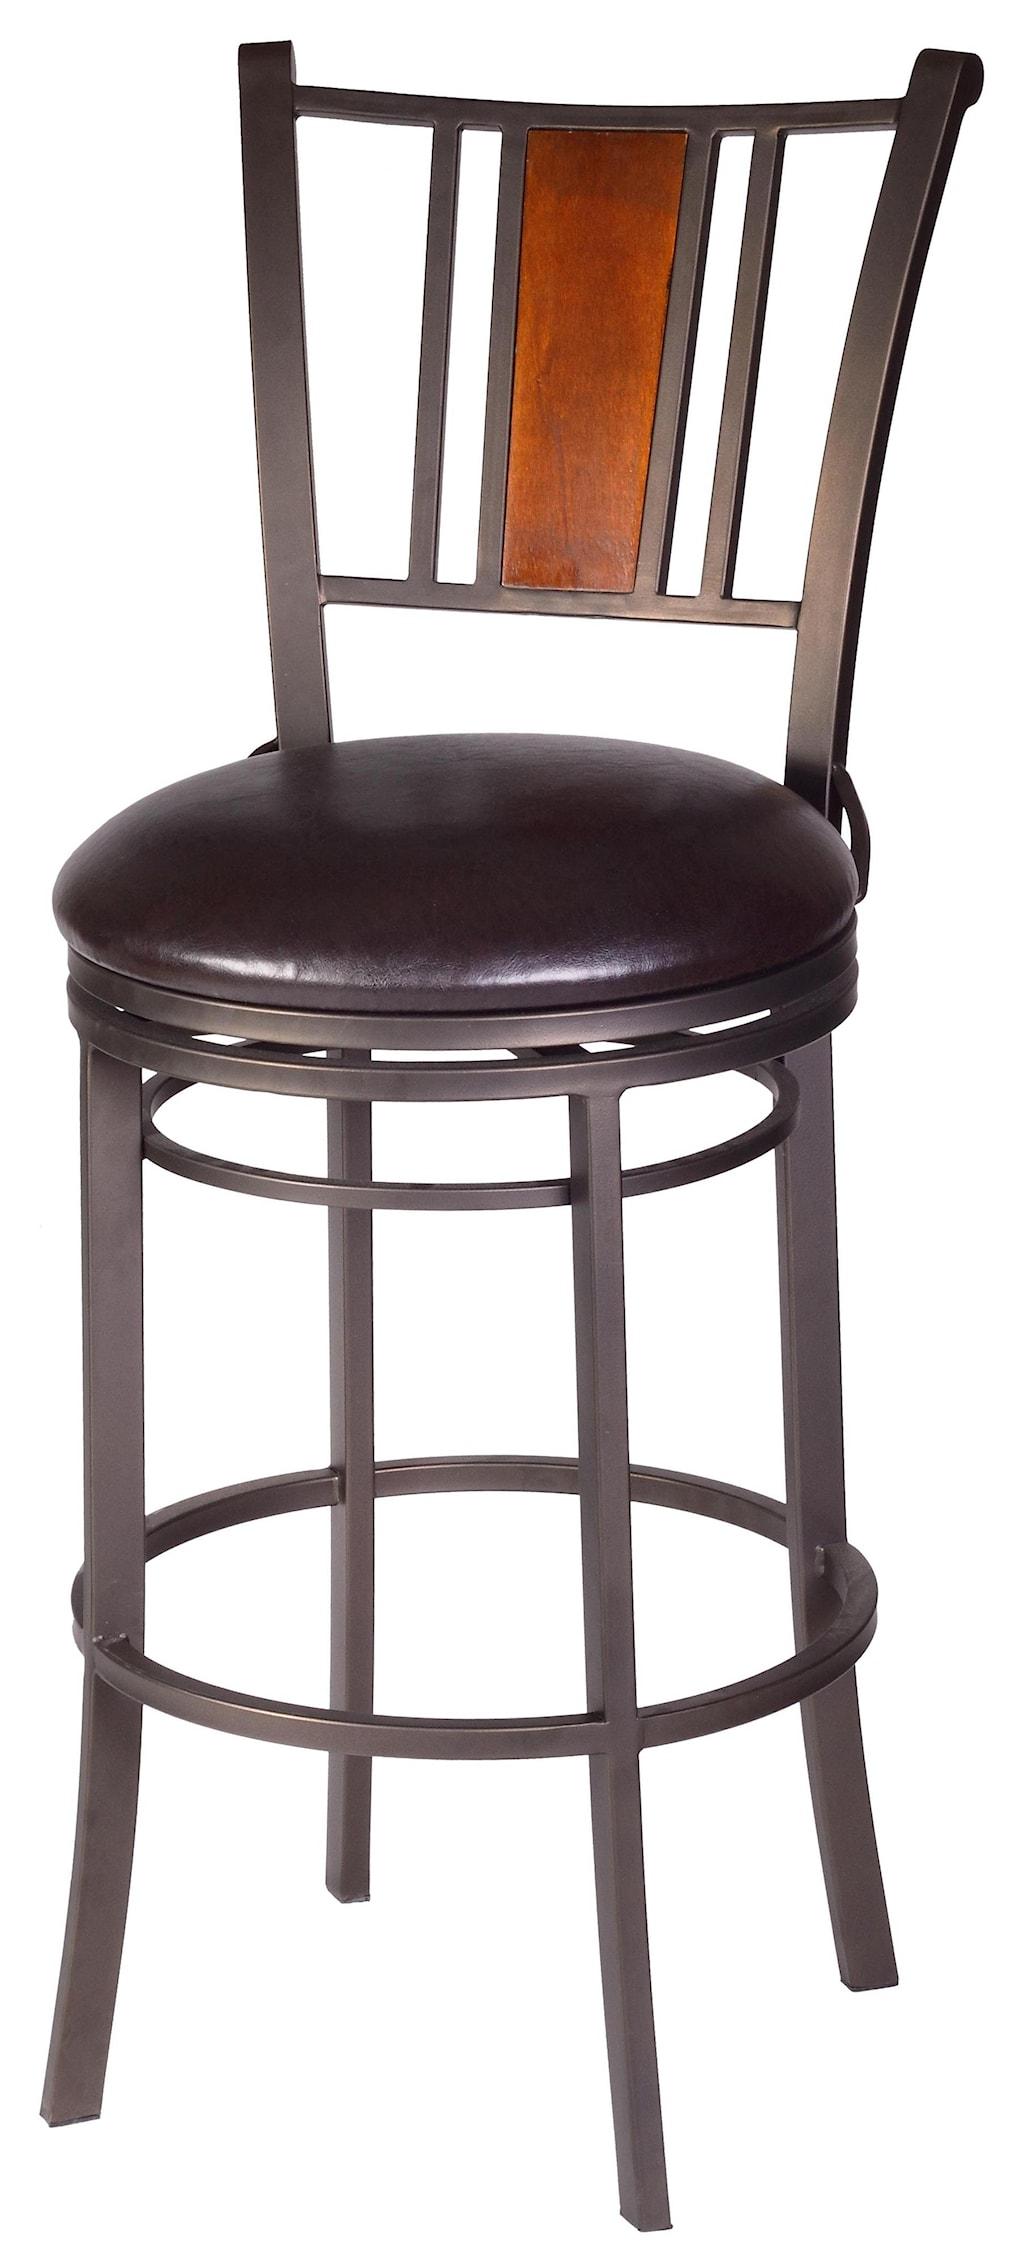 Barstools Celine 24 Barstool Walkers Furniture Bar Stools